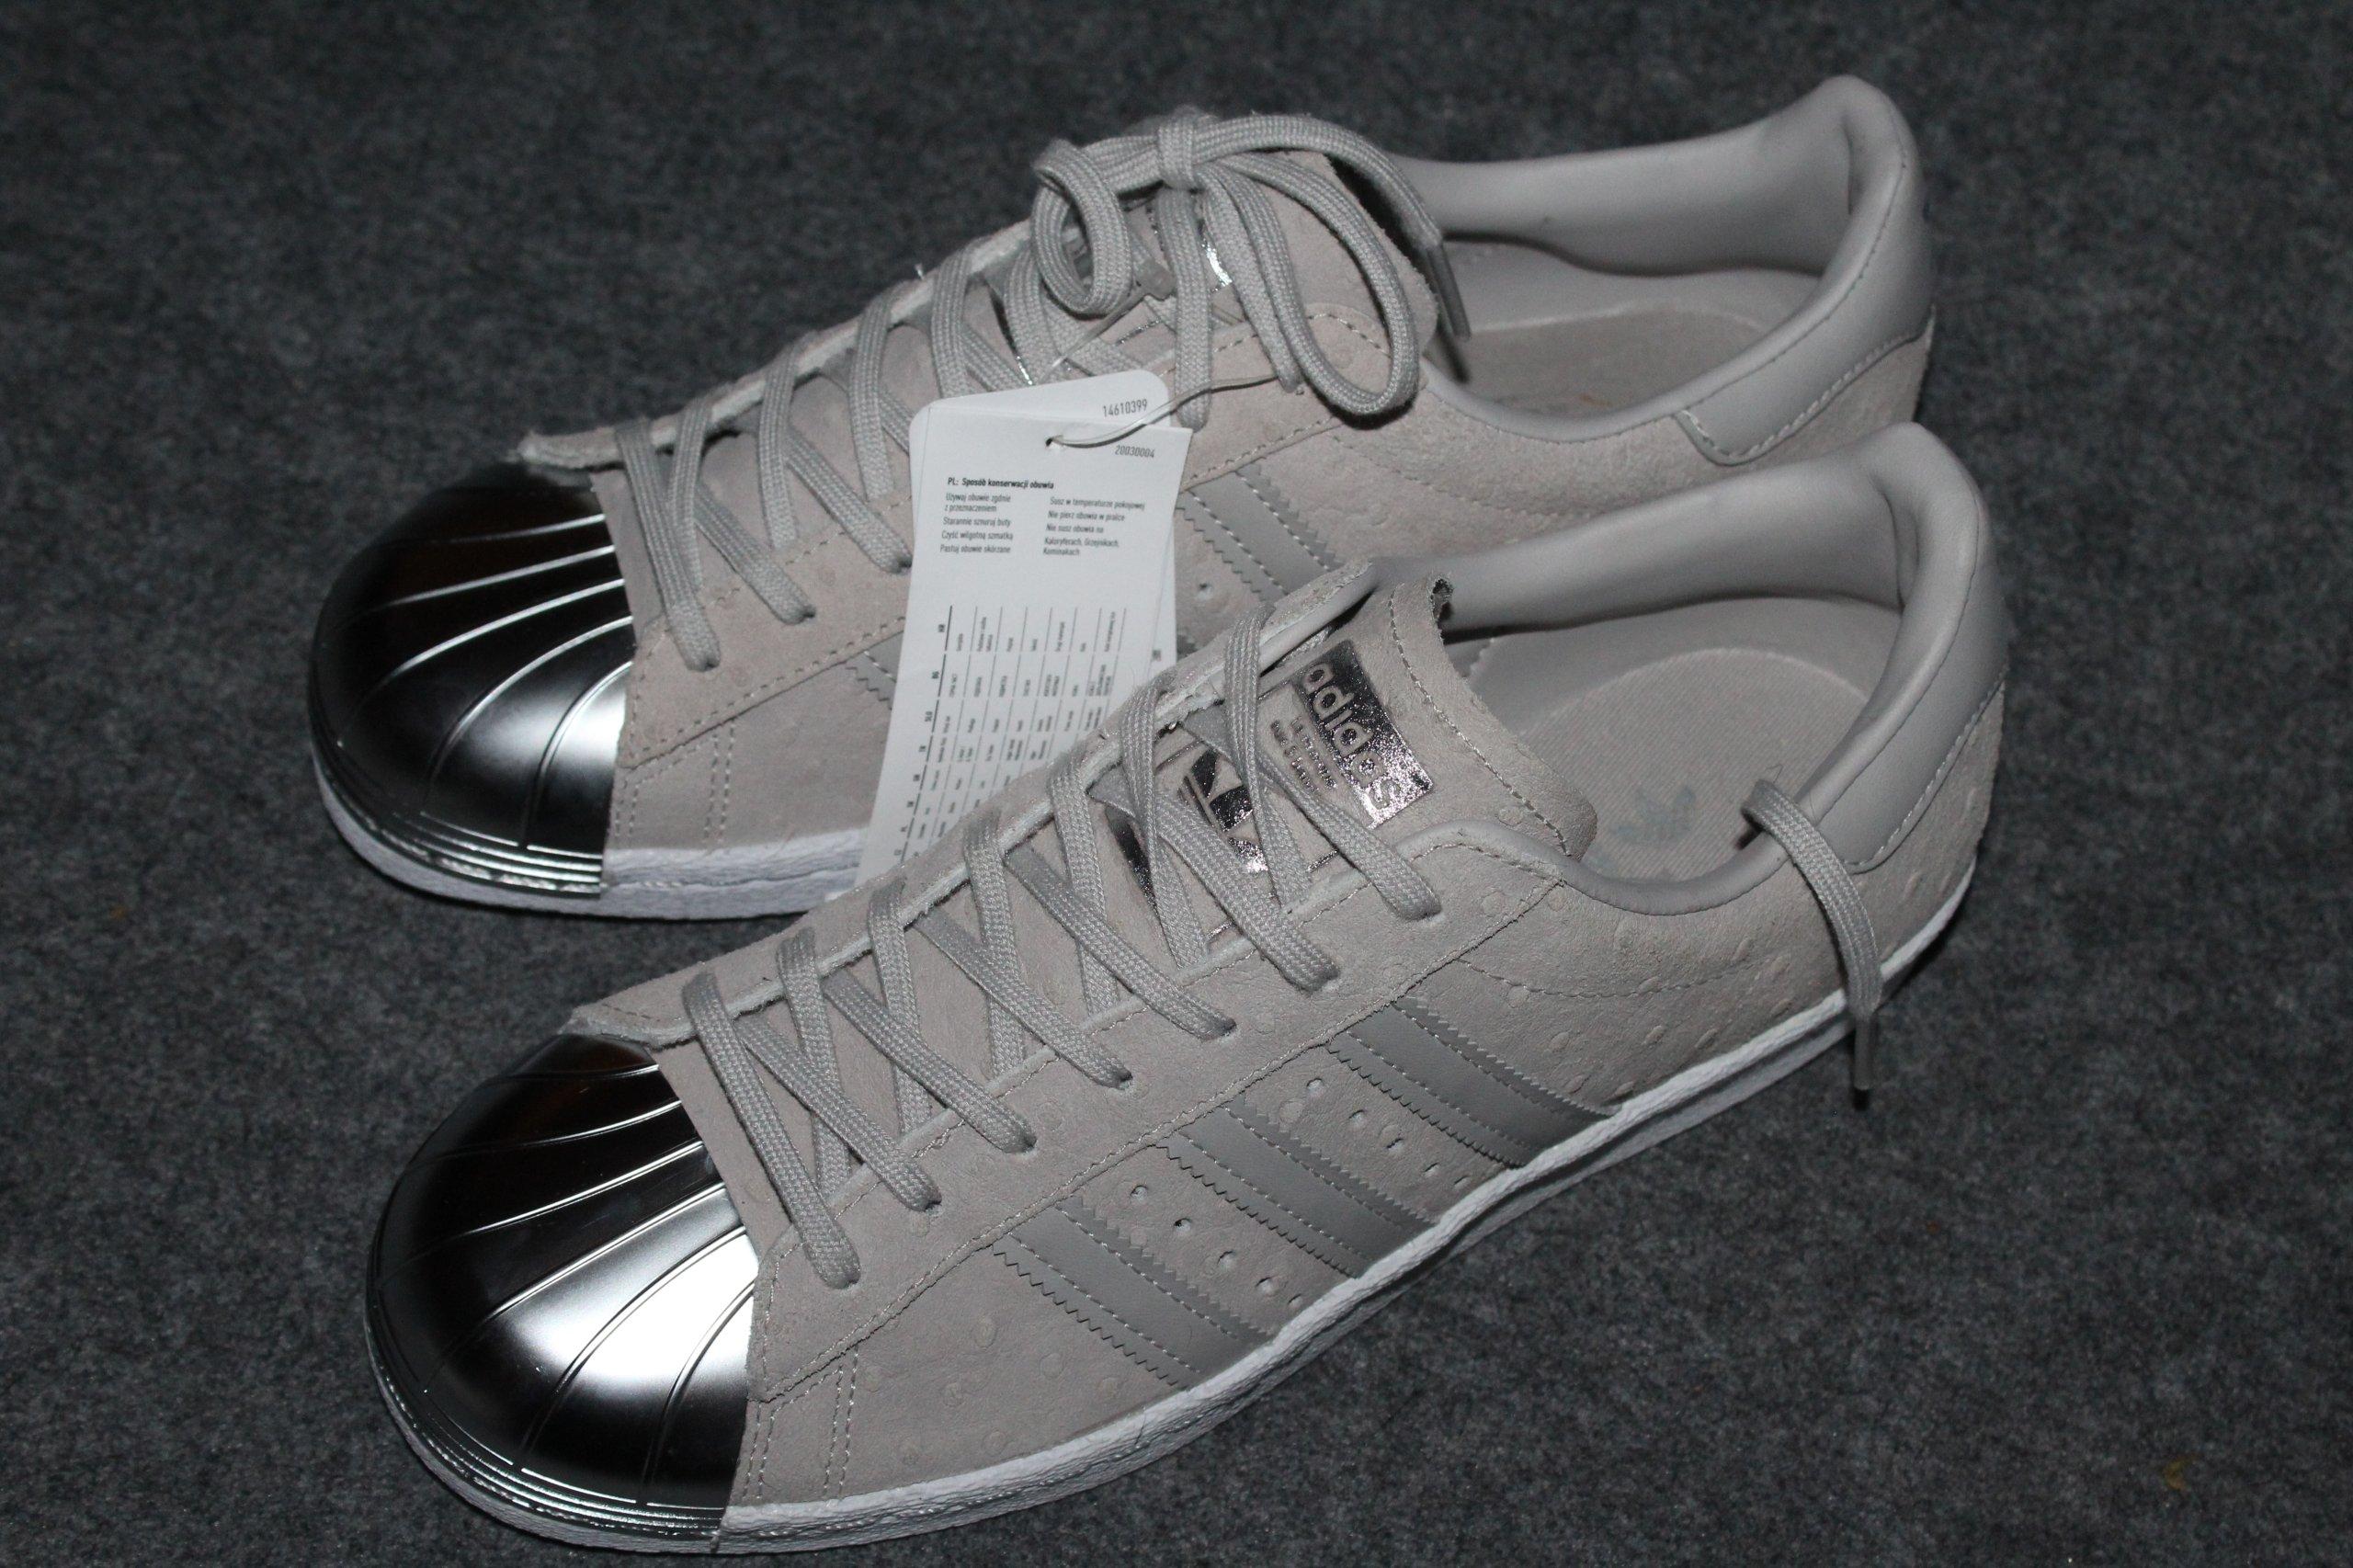 5f49258297 3684d3abc9e5 buty adidas superstar foundation damskie og oszenia ...